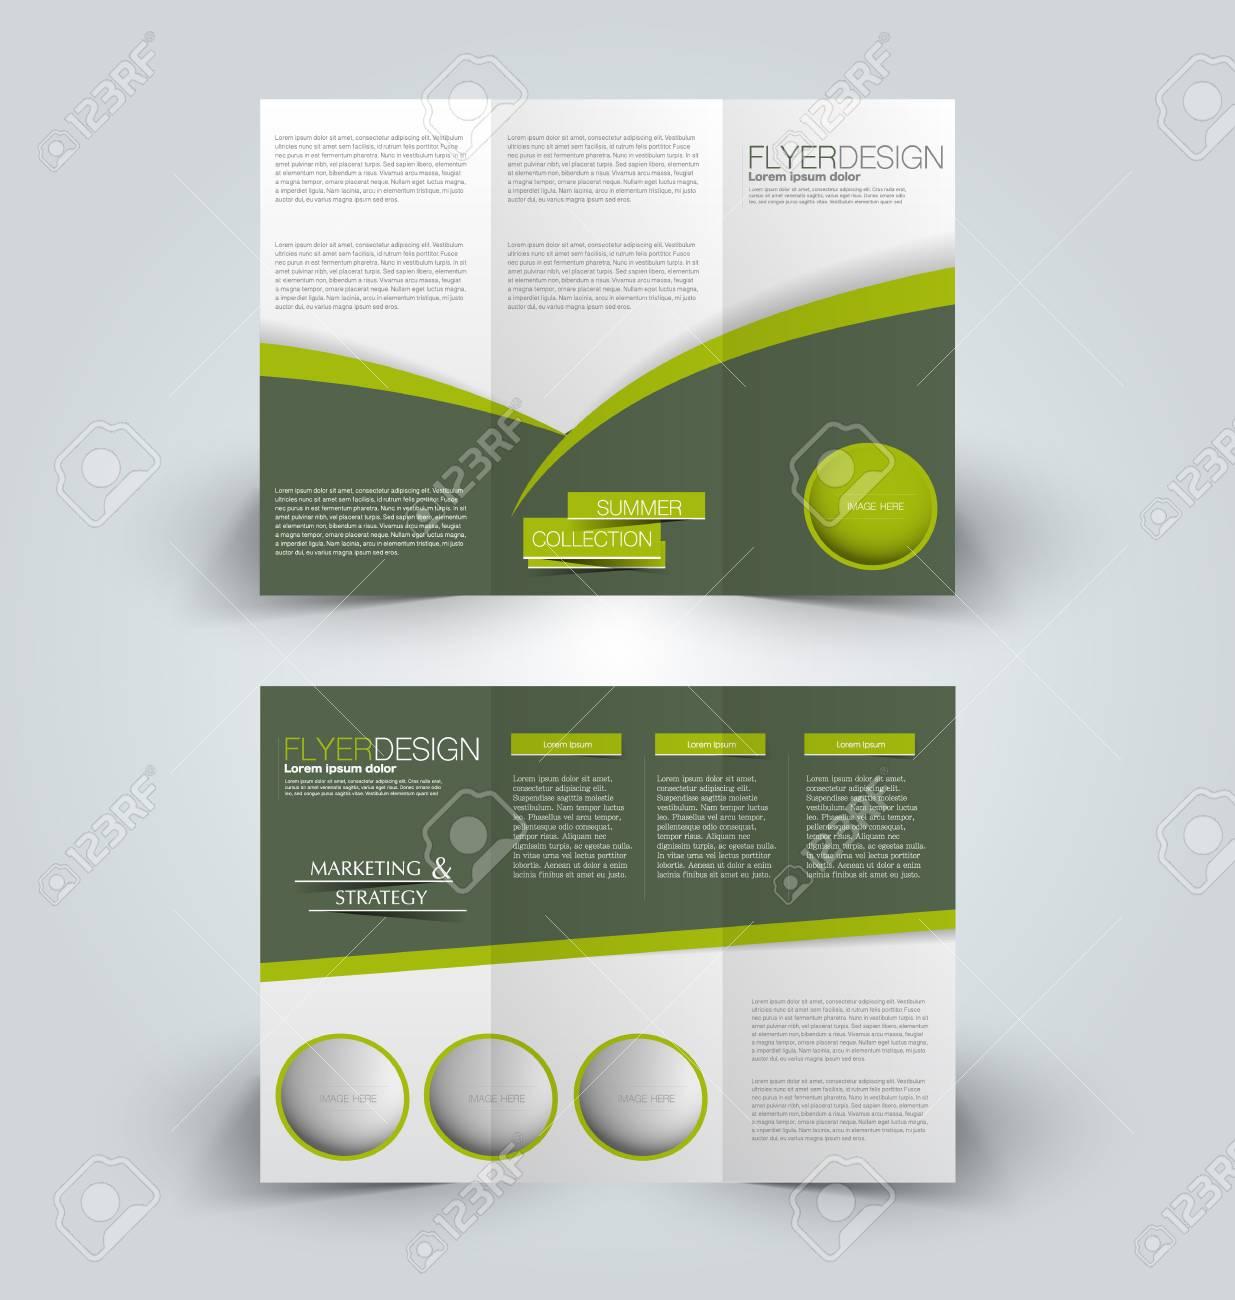 8807ad7db5 Folleto Maqueta Plantilla De Diseño Para Los Negocios